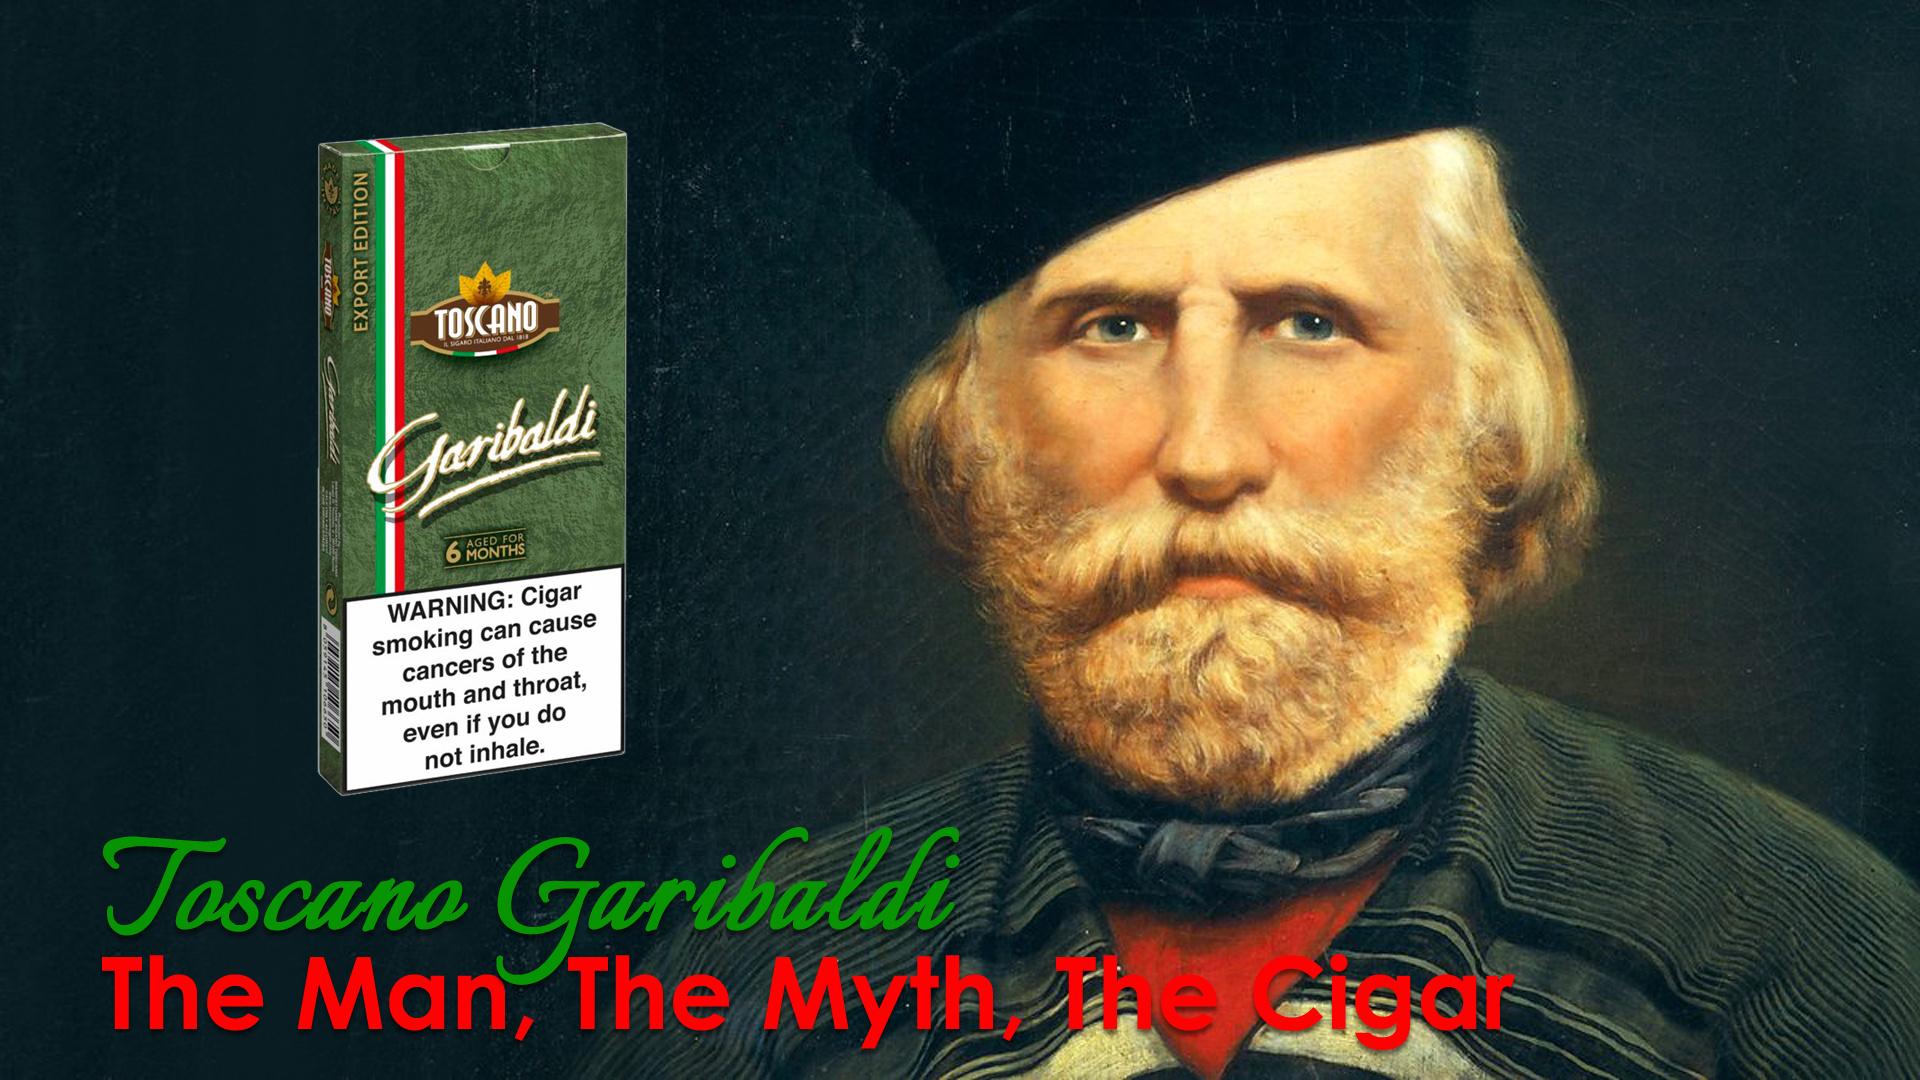 The Man, The Myth, The Cigar